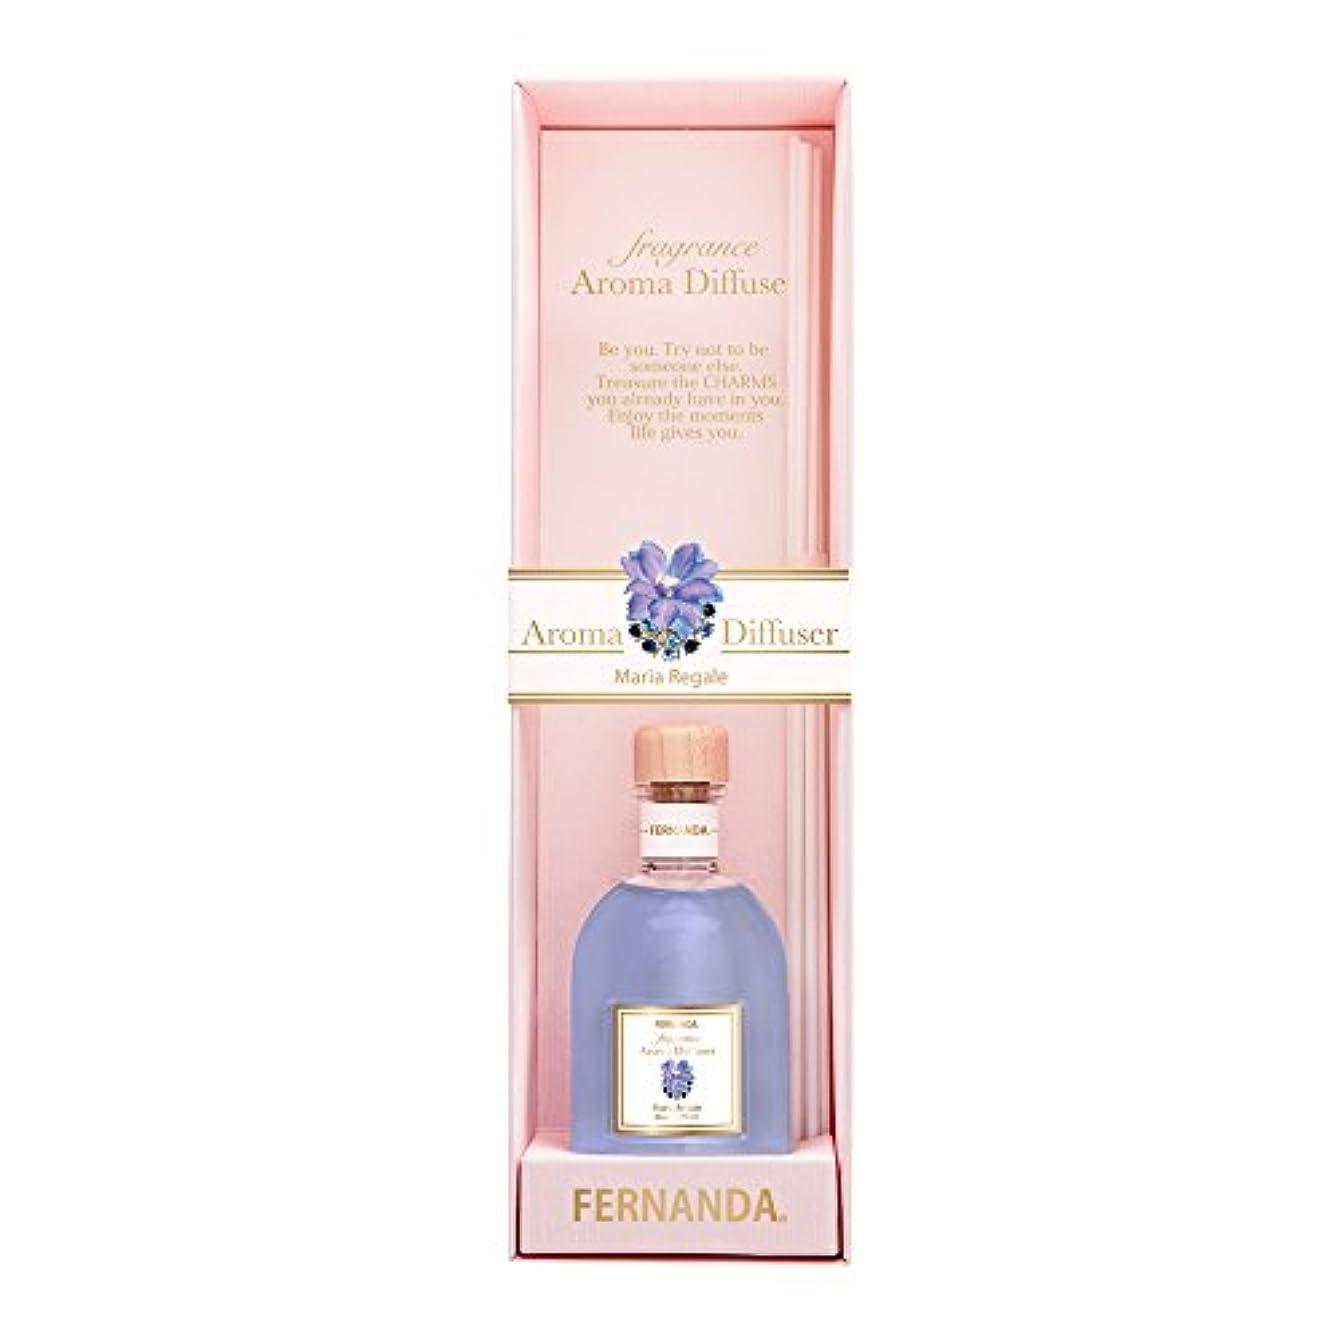 疑問に思う練習した似ているFERNANDA(フェルナンダ) Fragrance Aroma Diffuser Maria Regale (アロマディフューザー マリアリゲル)